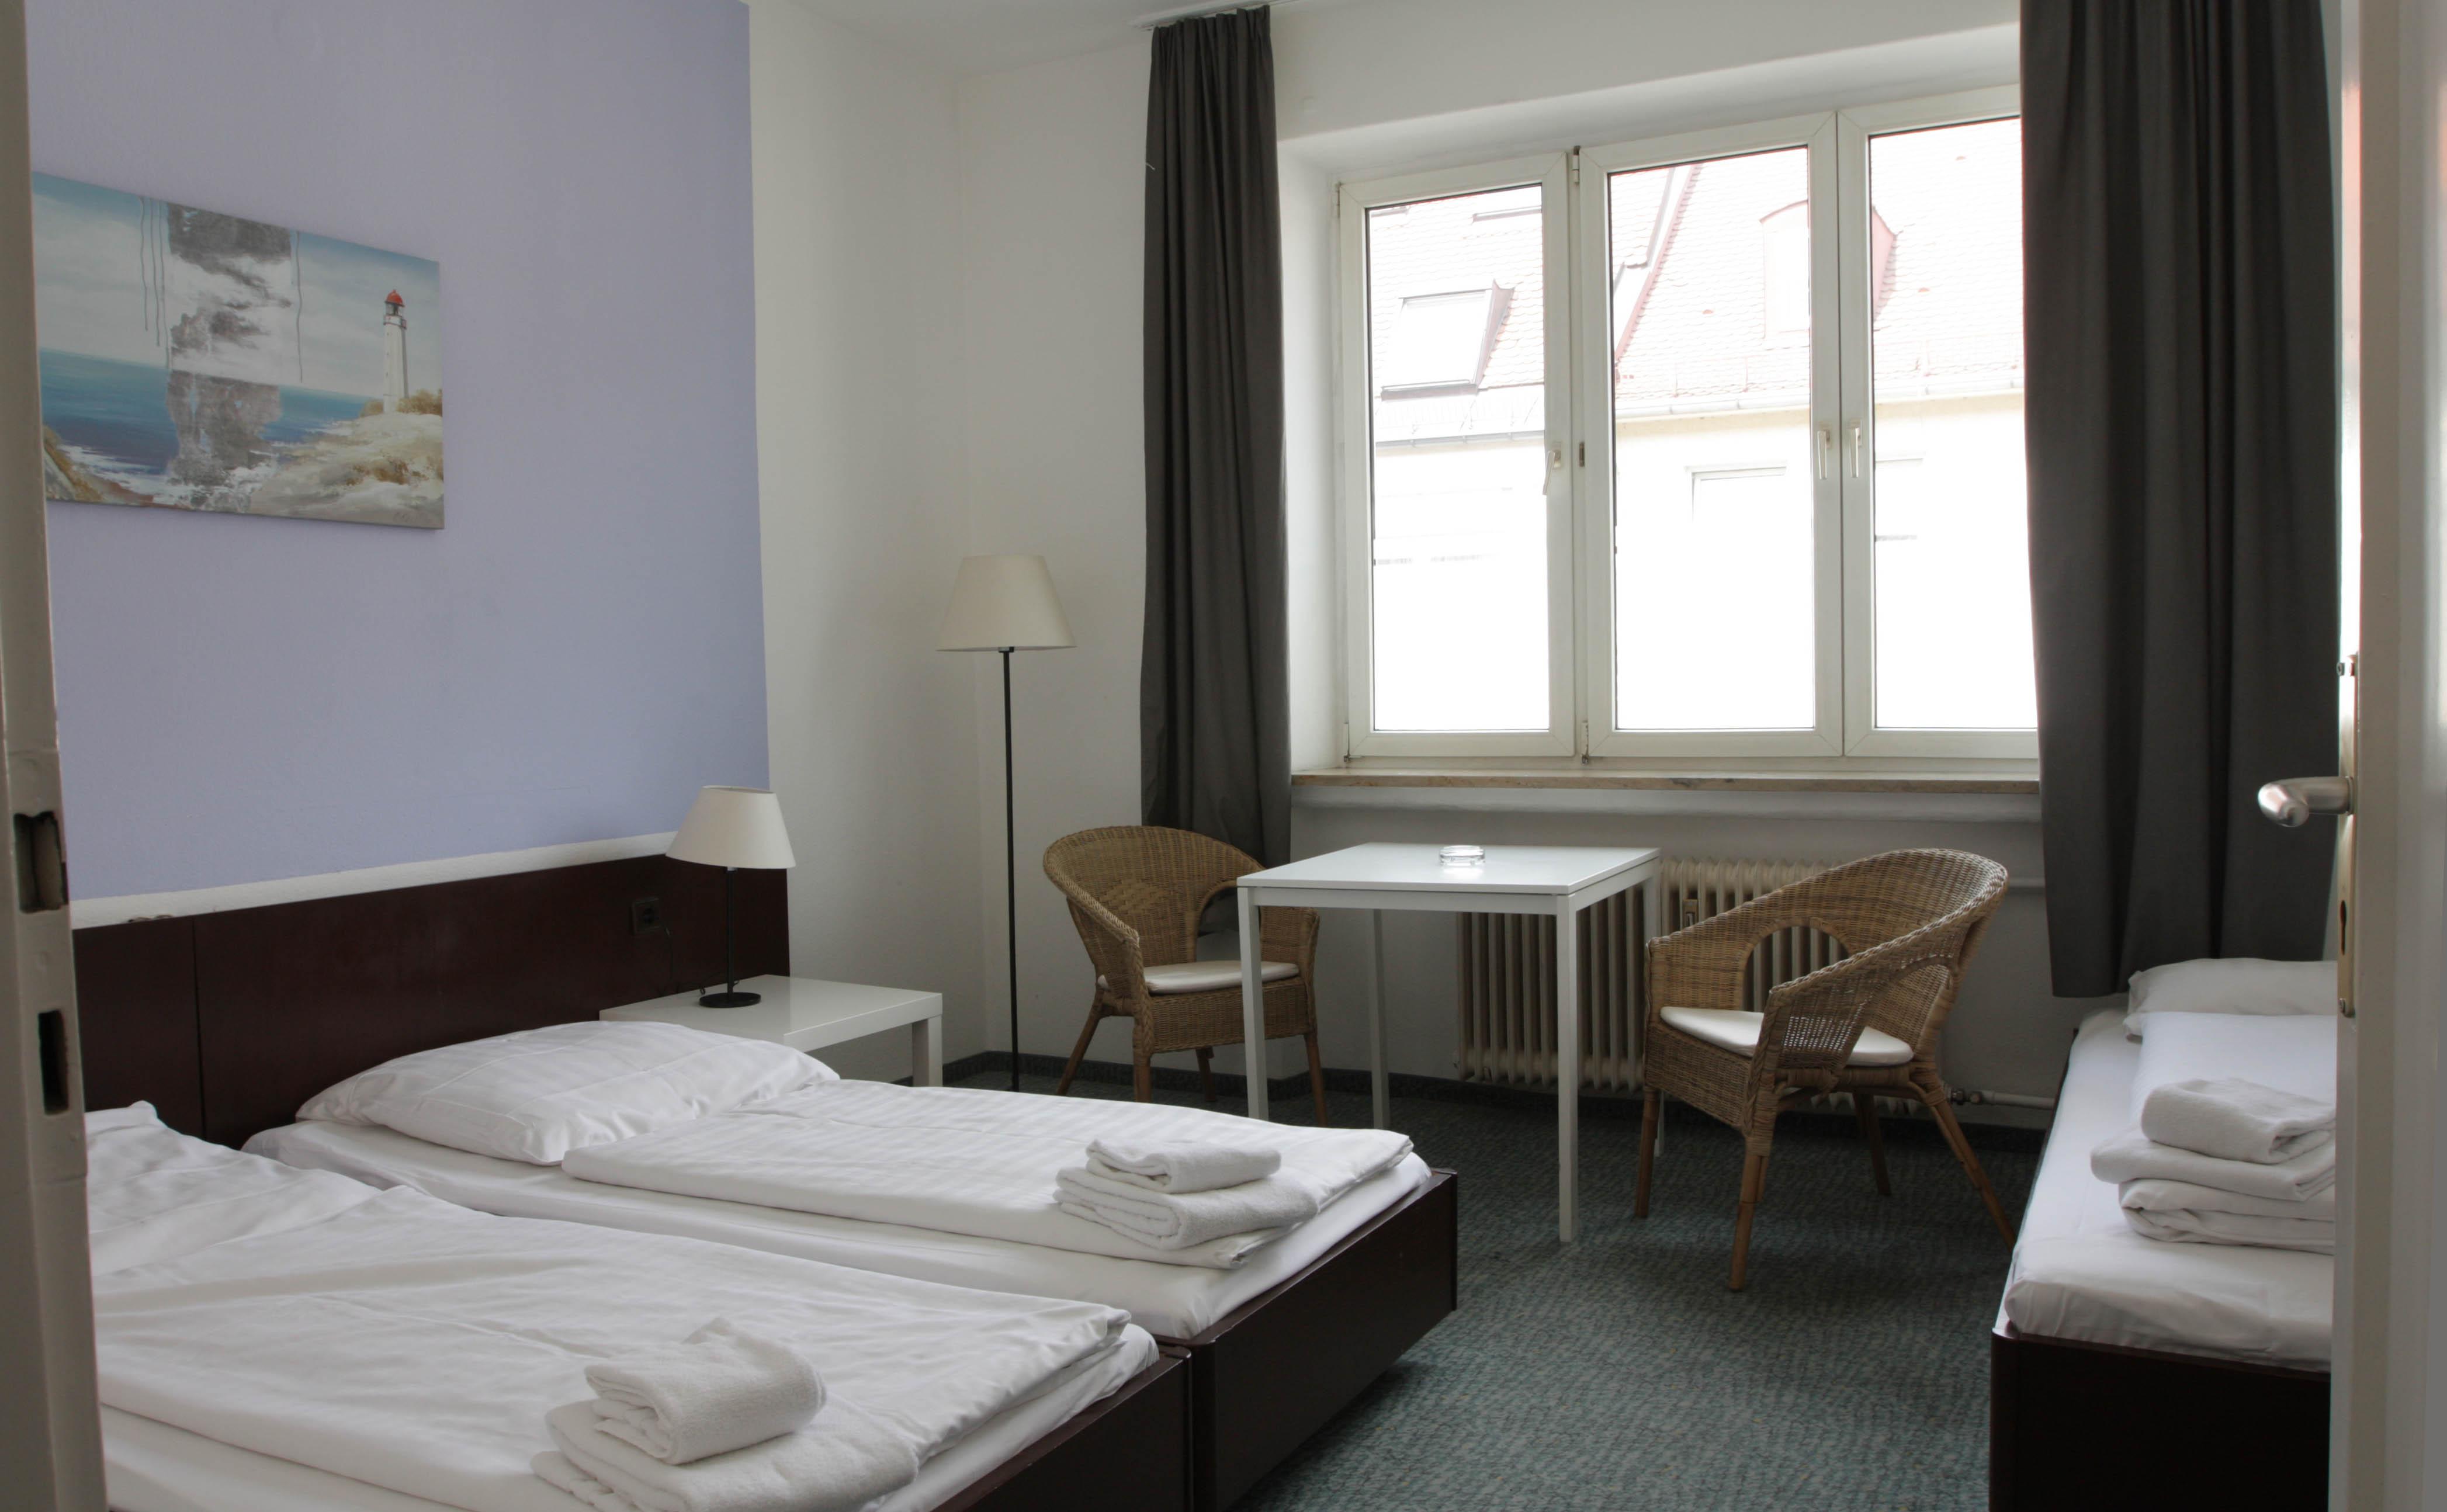 Mehrbettzimmer für drei Personen